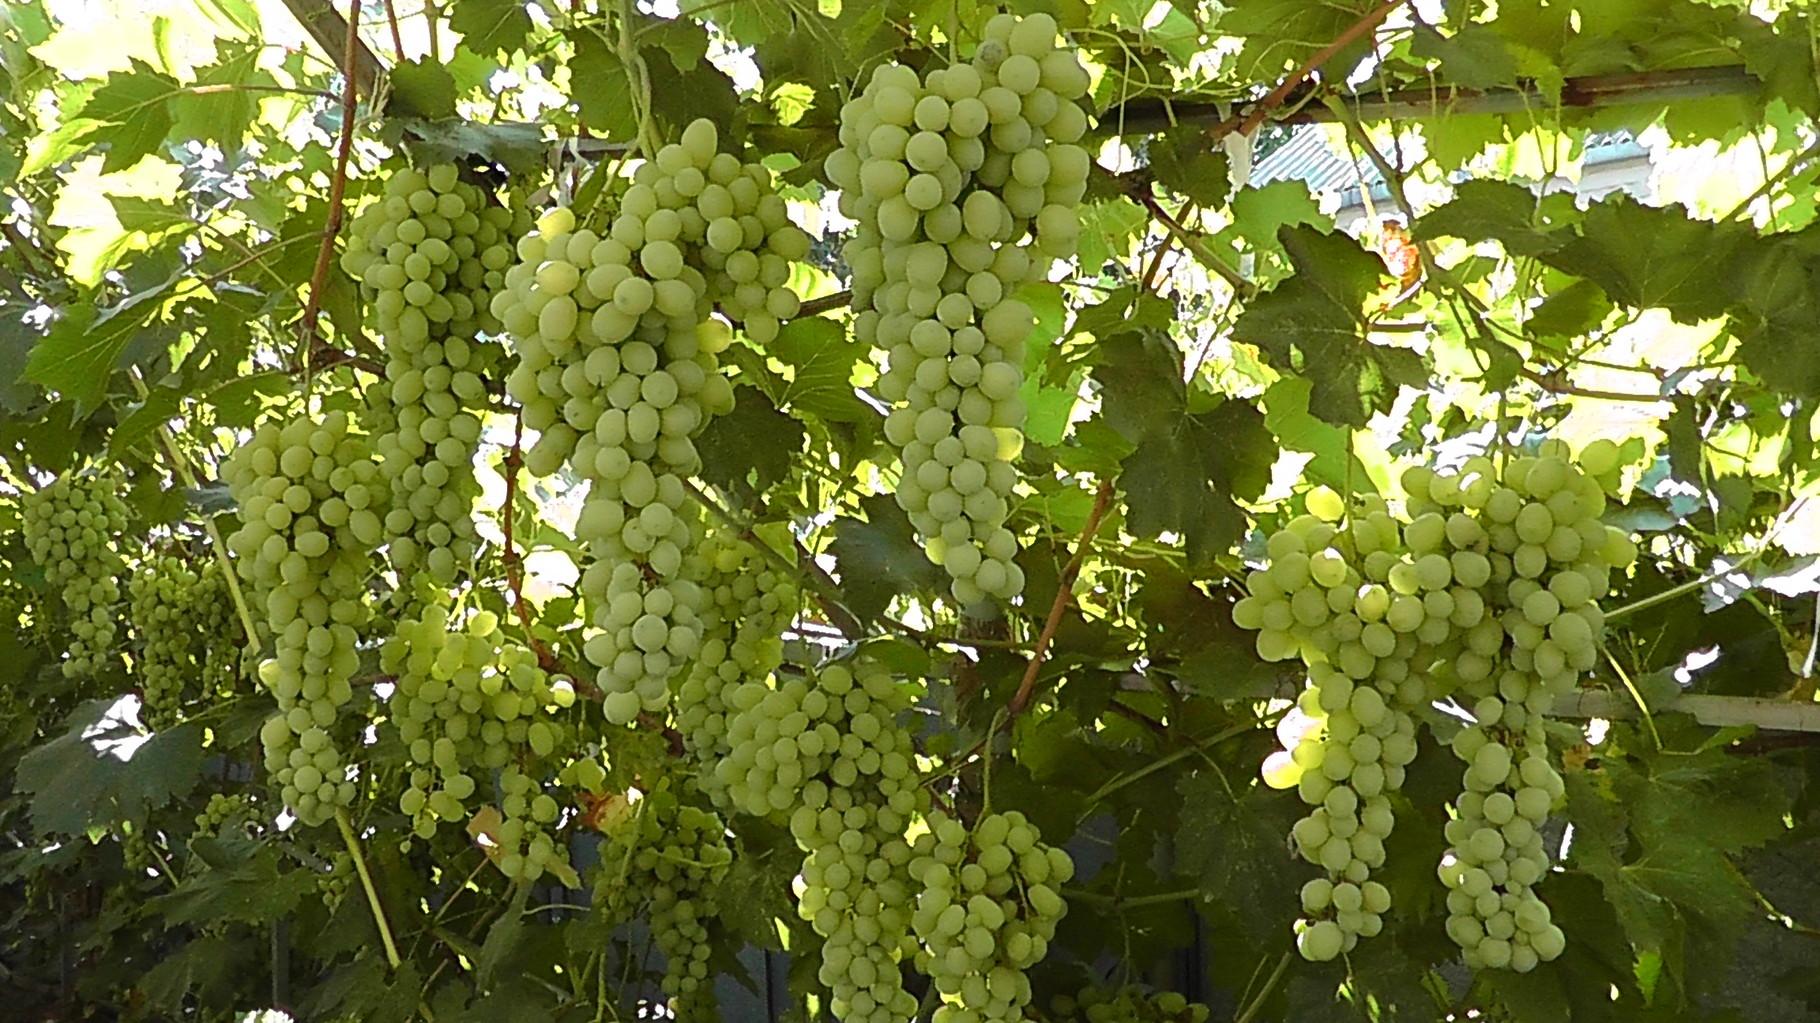 виноград лора описание сорта фото отзывы происходит местах